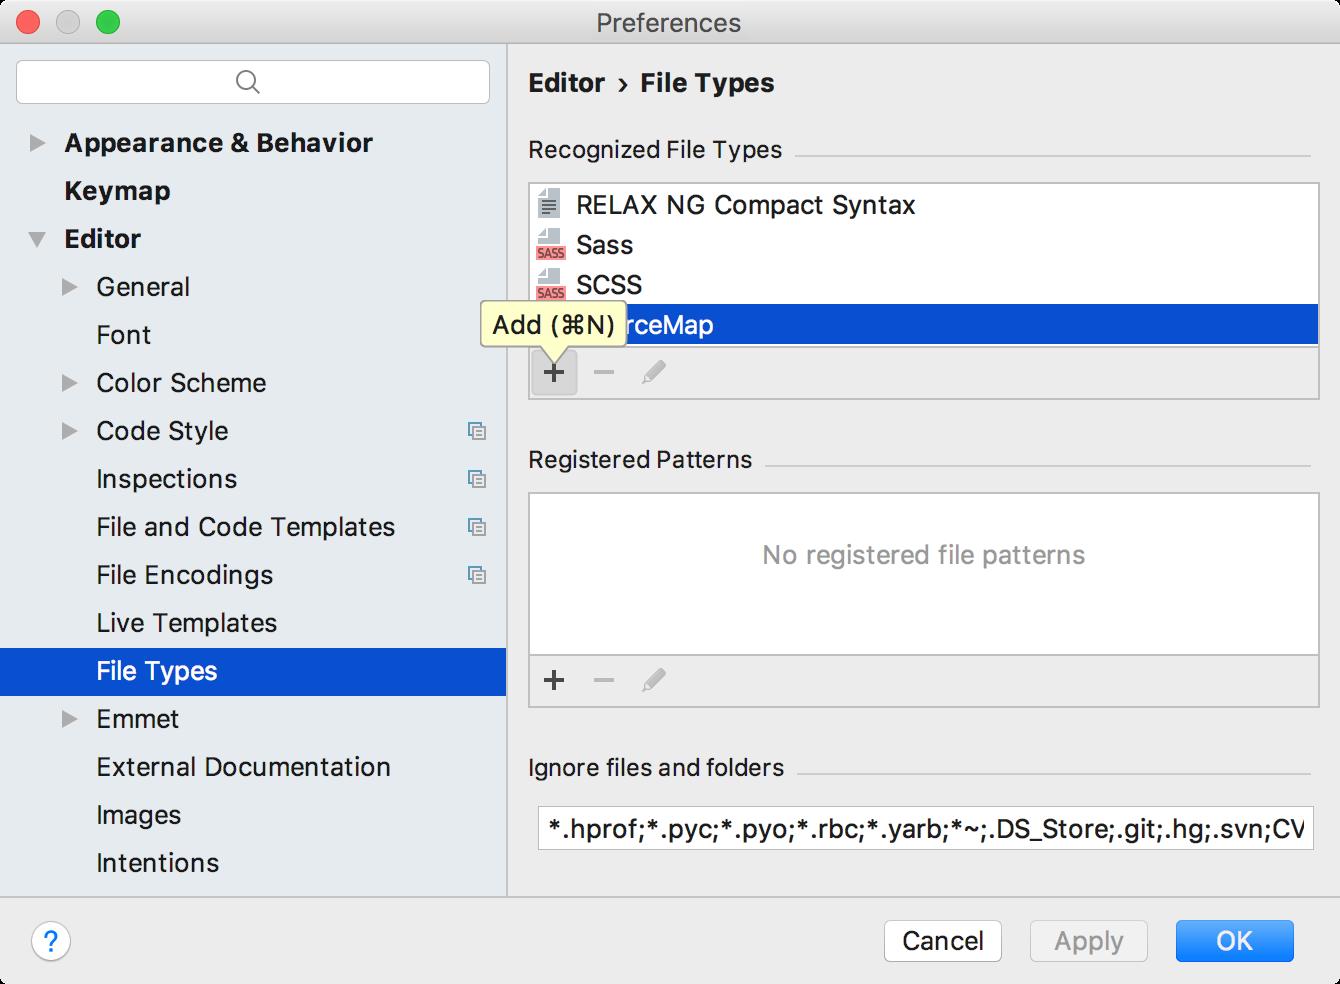 Add file type